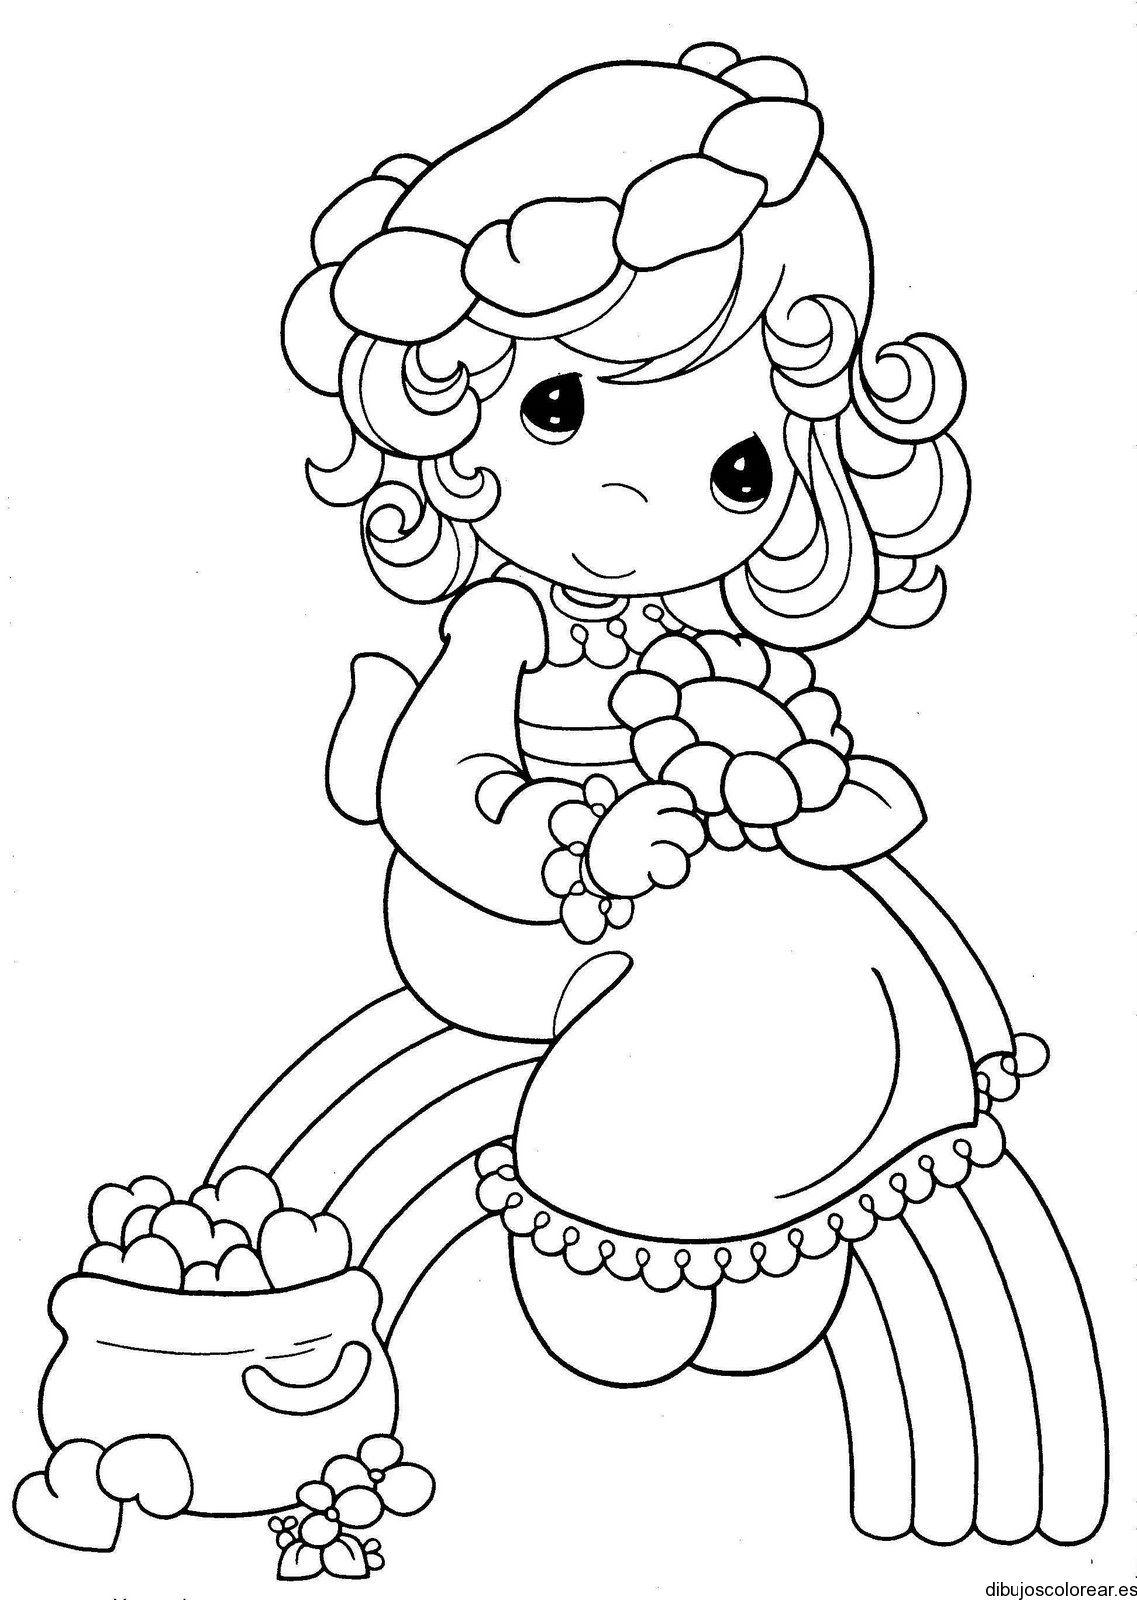 Imagenes Para Colorear Sobre El 14 De Febrero Buscar Con Google Paginas Para Colorir Pintura Para Criancas Paginas Para Colorir Da Disney